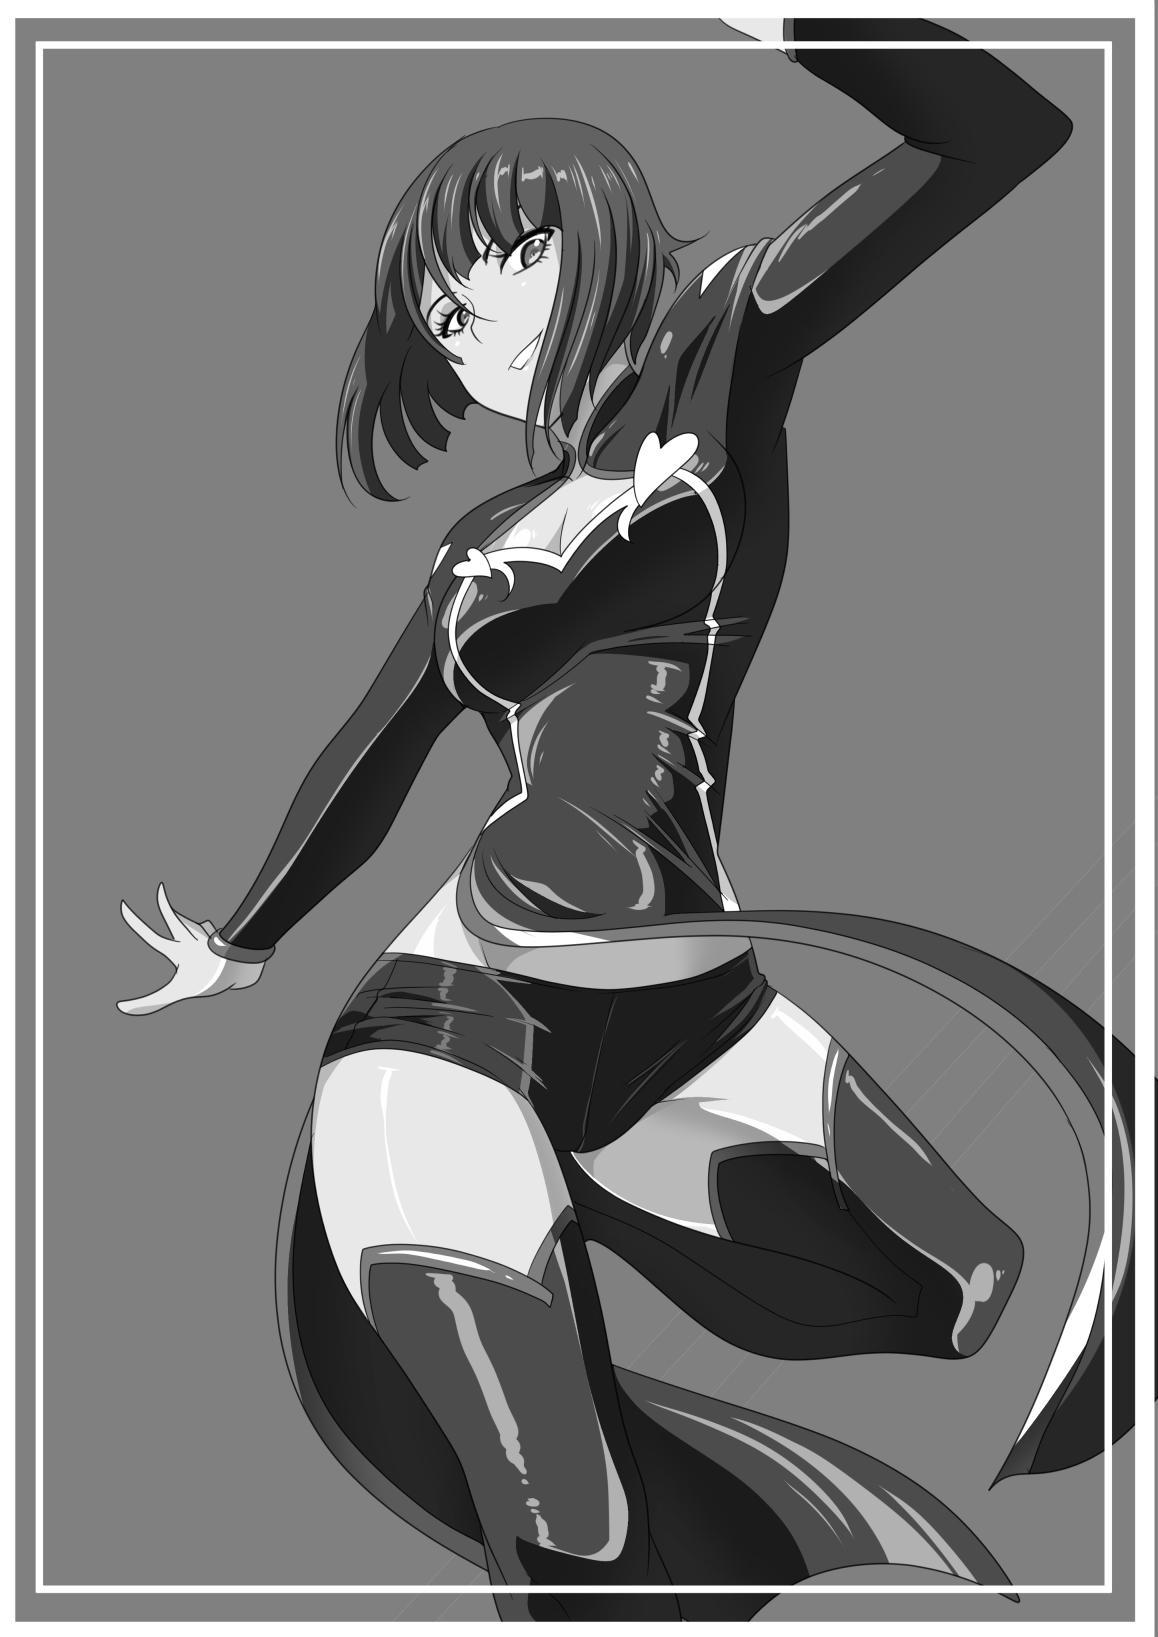 Heroine Harassment Junketsu no Taimashi Akina Zenpen   Heroine Harassment - Magician Akina's Chastity Part I 1